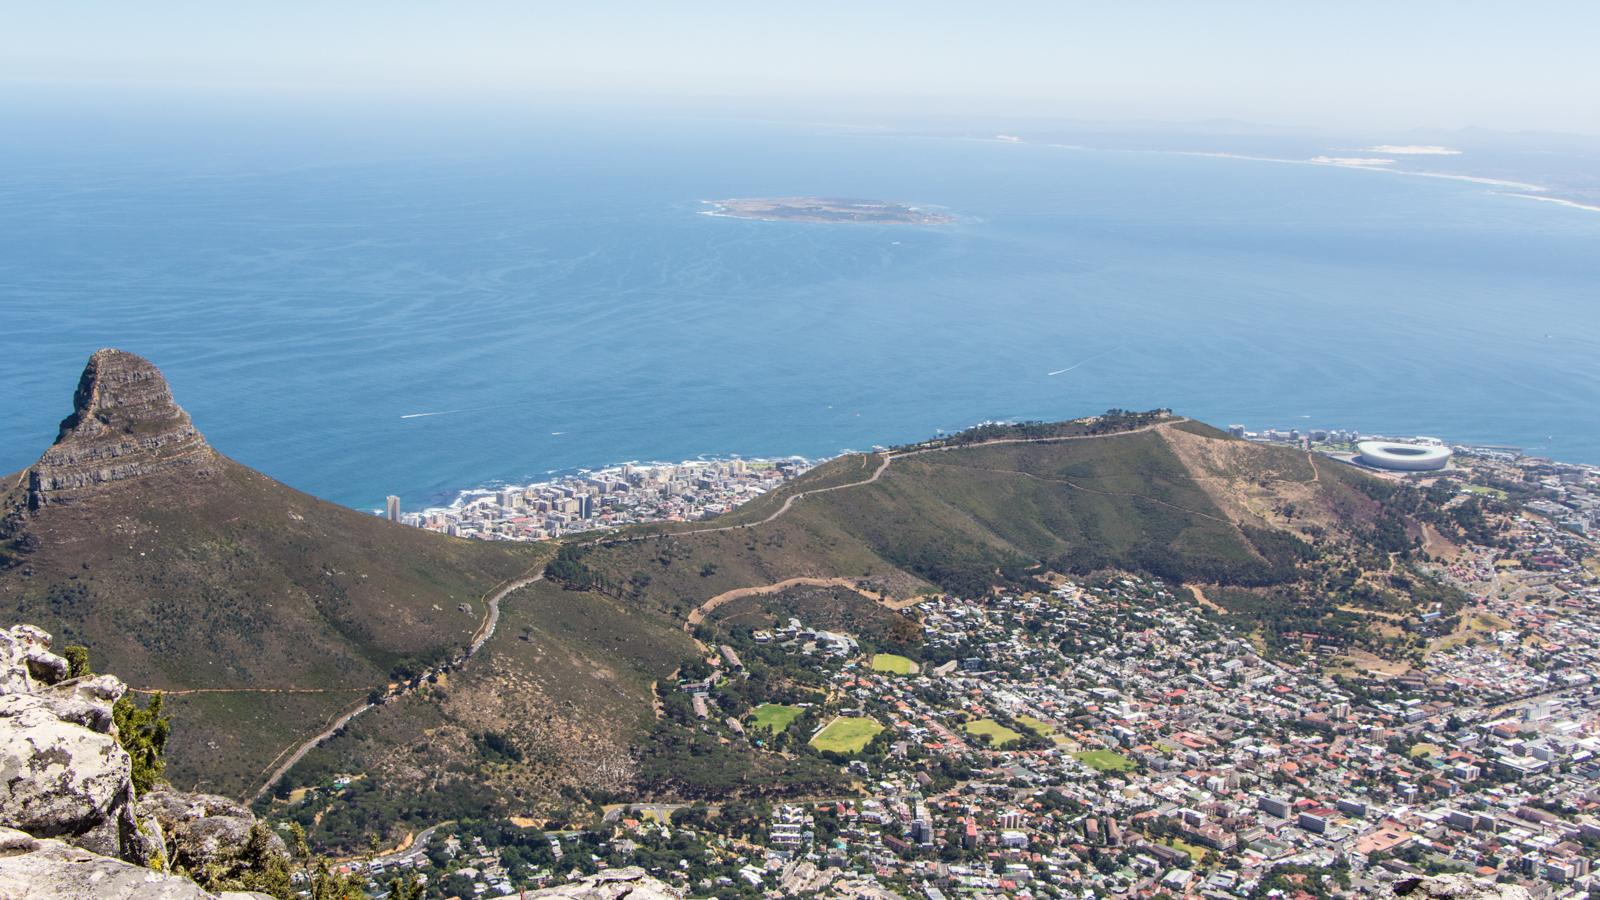 Kapstadt Sehenswürdigkeiten Panorama vom Tafelberg Lions Head Robben Island